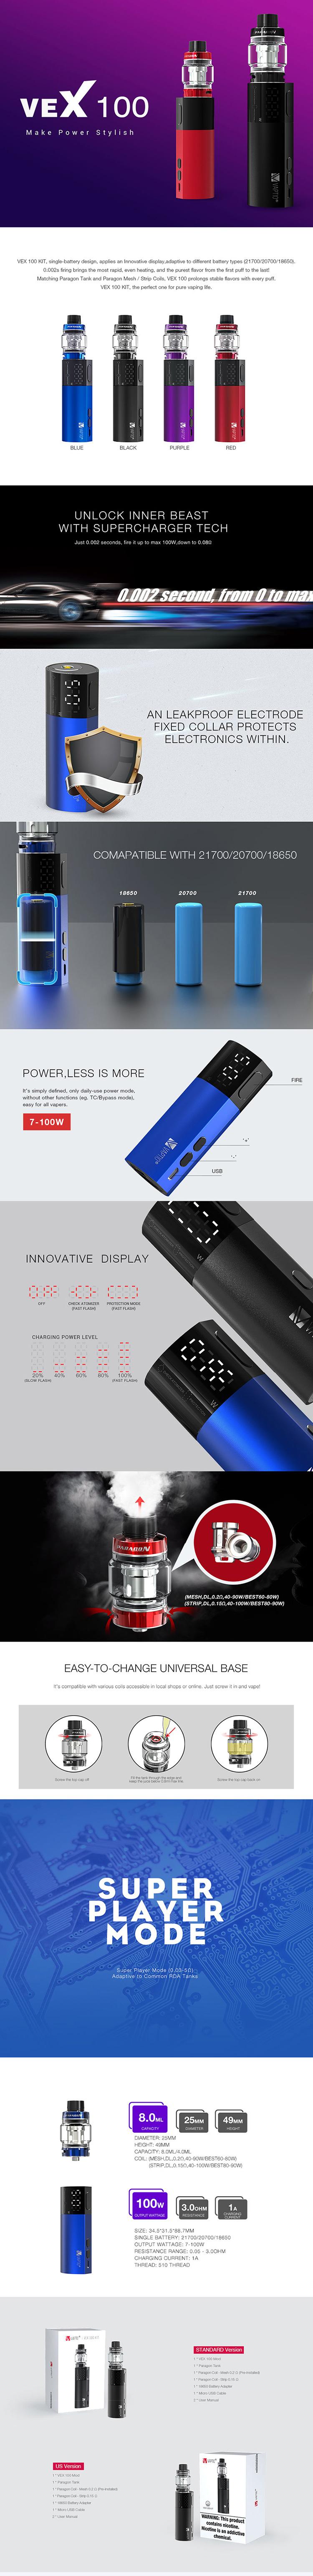 Vaptio VEX 100 Kit